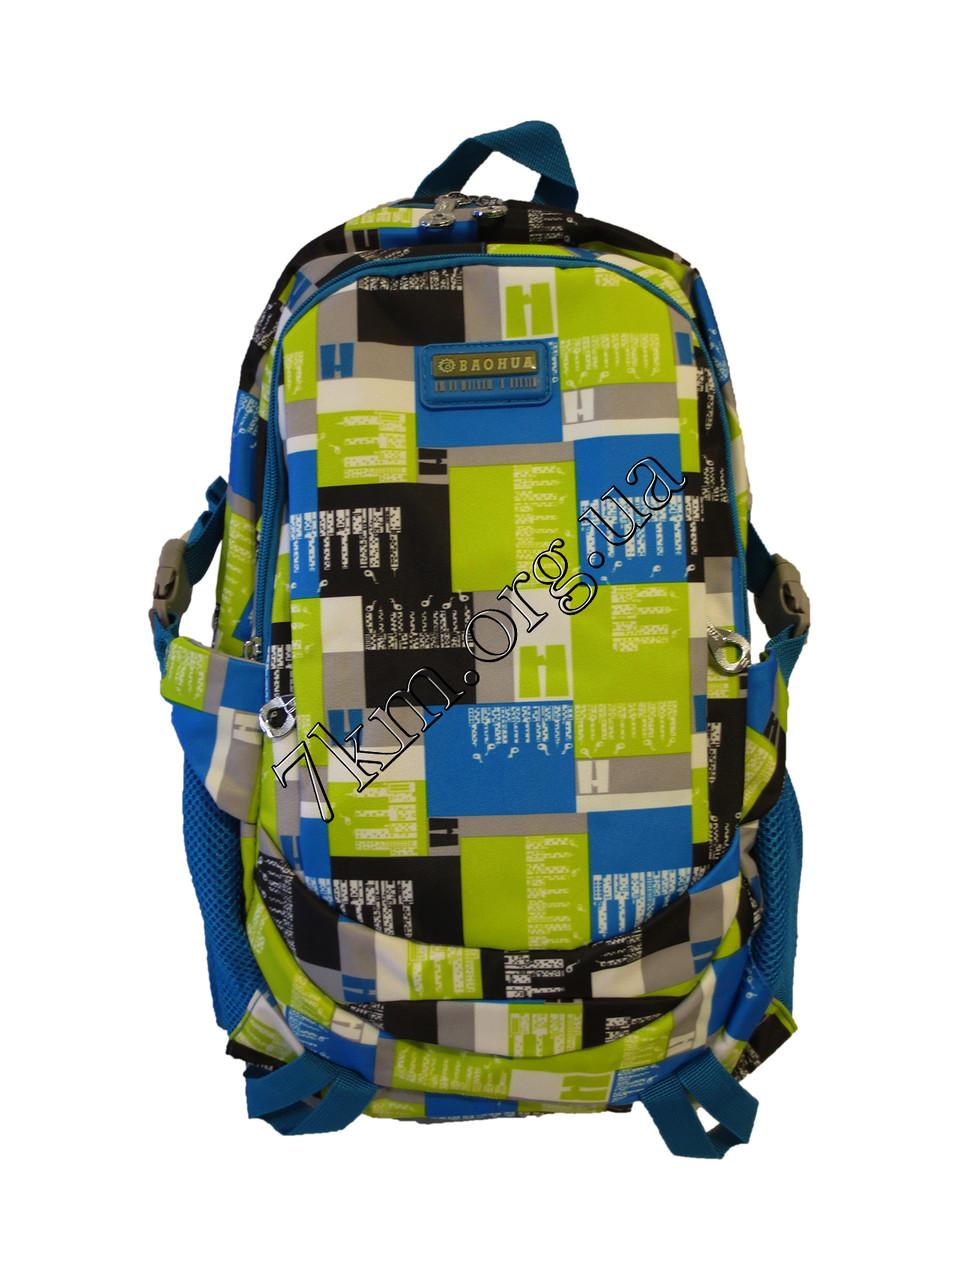 Школьный рюкзак для мальчиков Baohua синий -салатовый CR B22-13 (45х30см.)